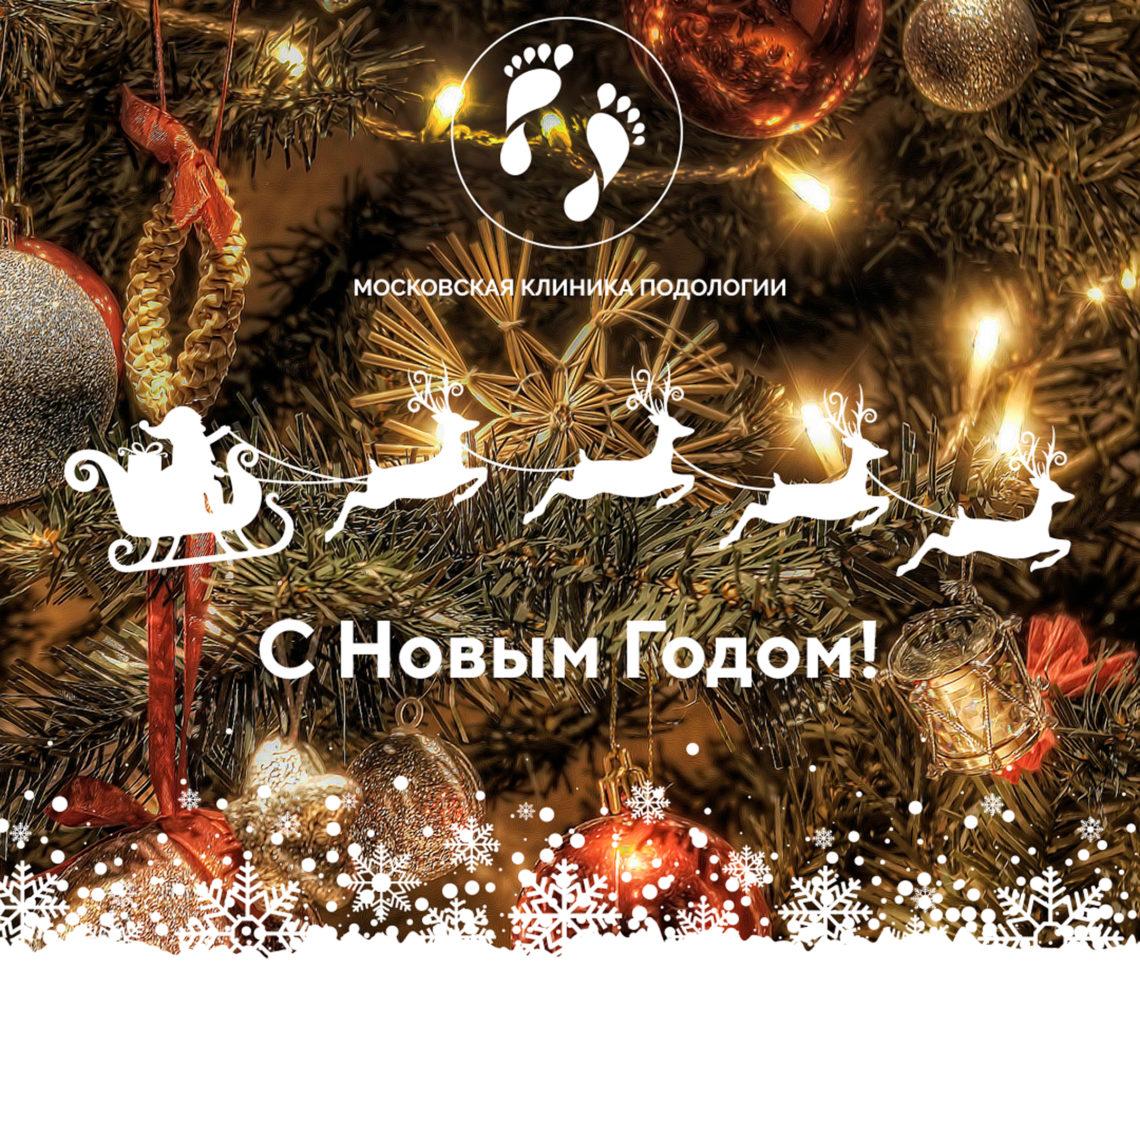 новый год, 2019, клиника подологии, врач-подолог в москве